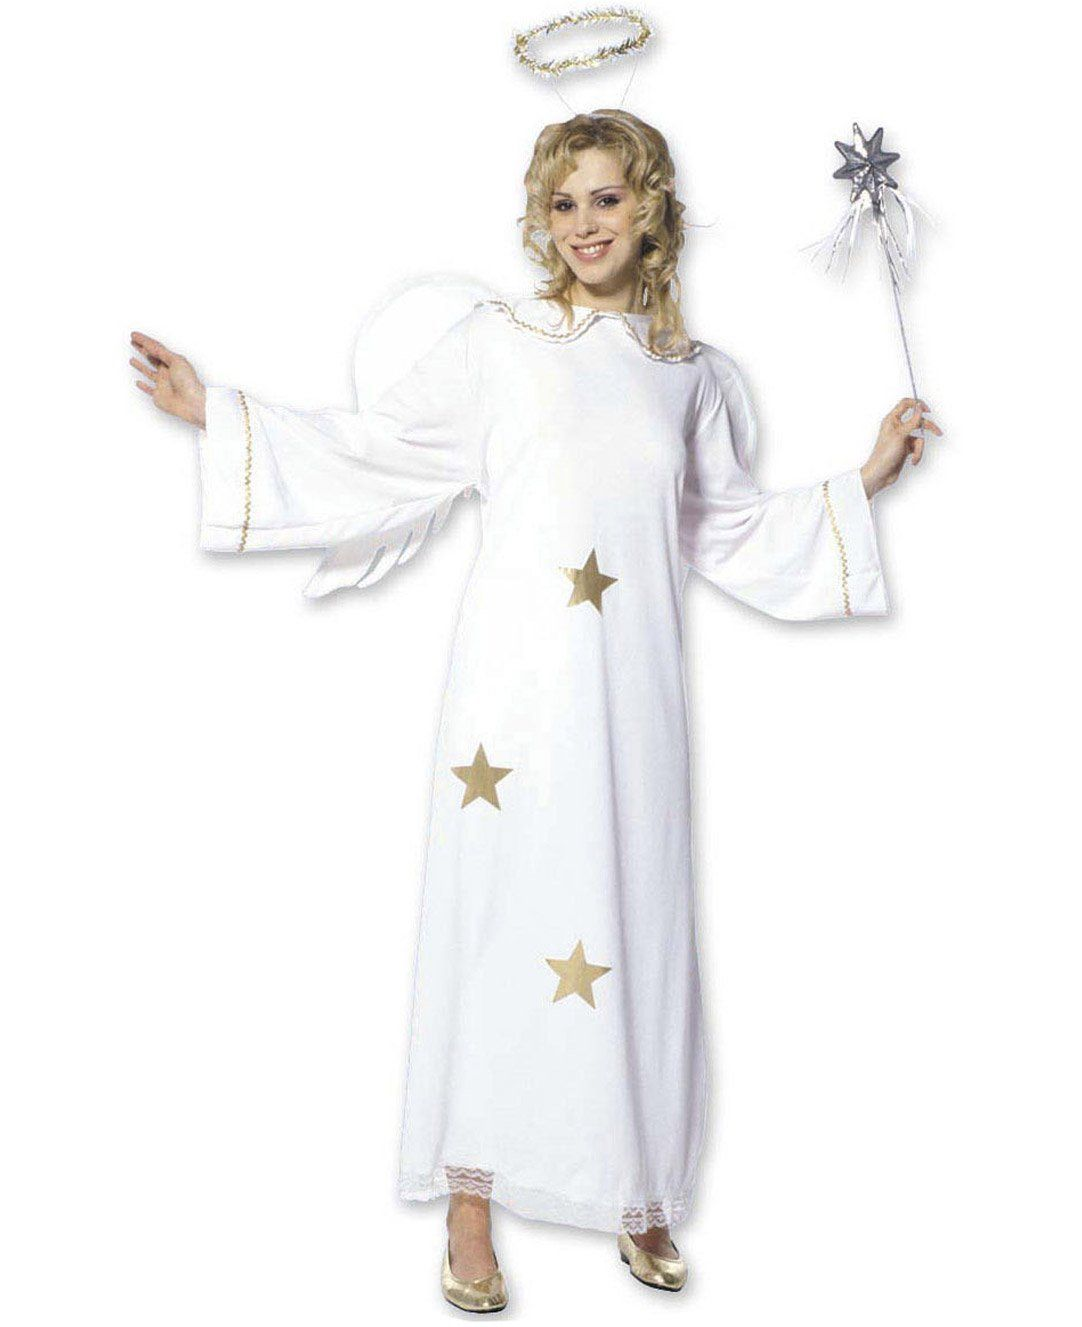 Disfraz De ángel Con Estrellas Mujer Este Disfraz De ángel Para Mujer Está Compuesto Por Un Vestido Disfraz De ángel Disfraz De Angelito Disfraz Angel Mujer